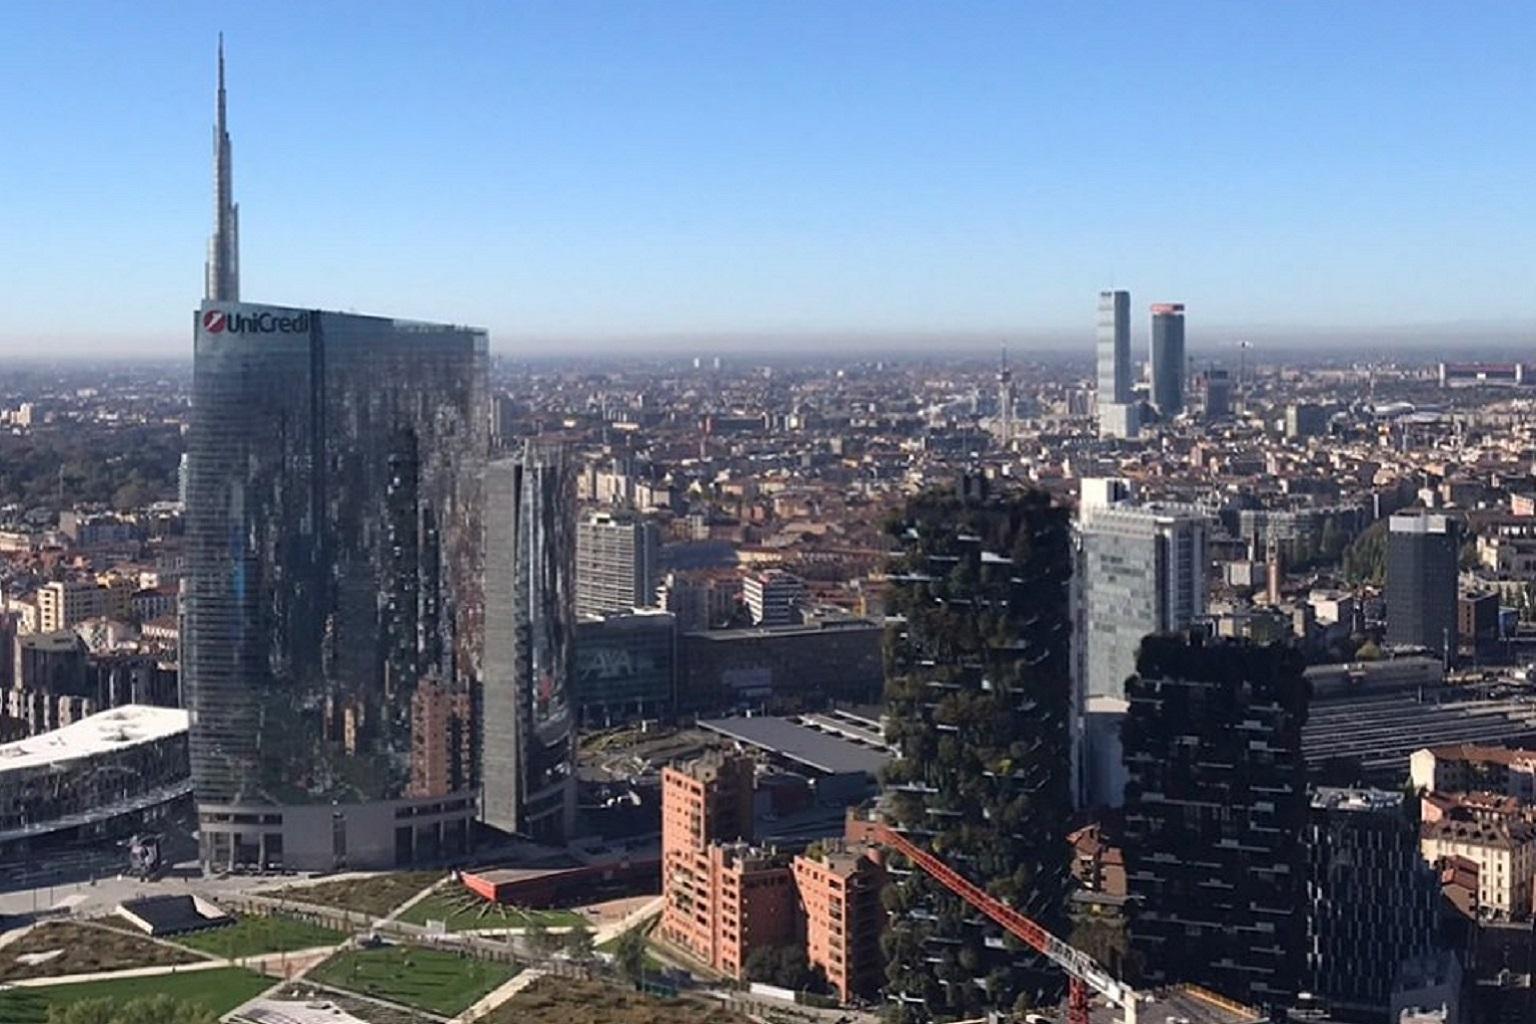 Smog, da oggi, revocate misure primo secondo livello, nella foto il palazzo della regione Lombardia in una panoramica.